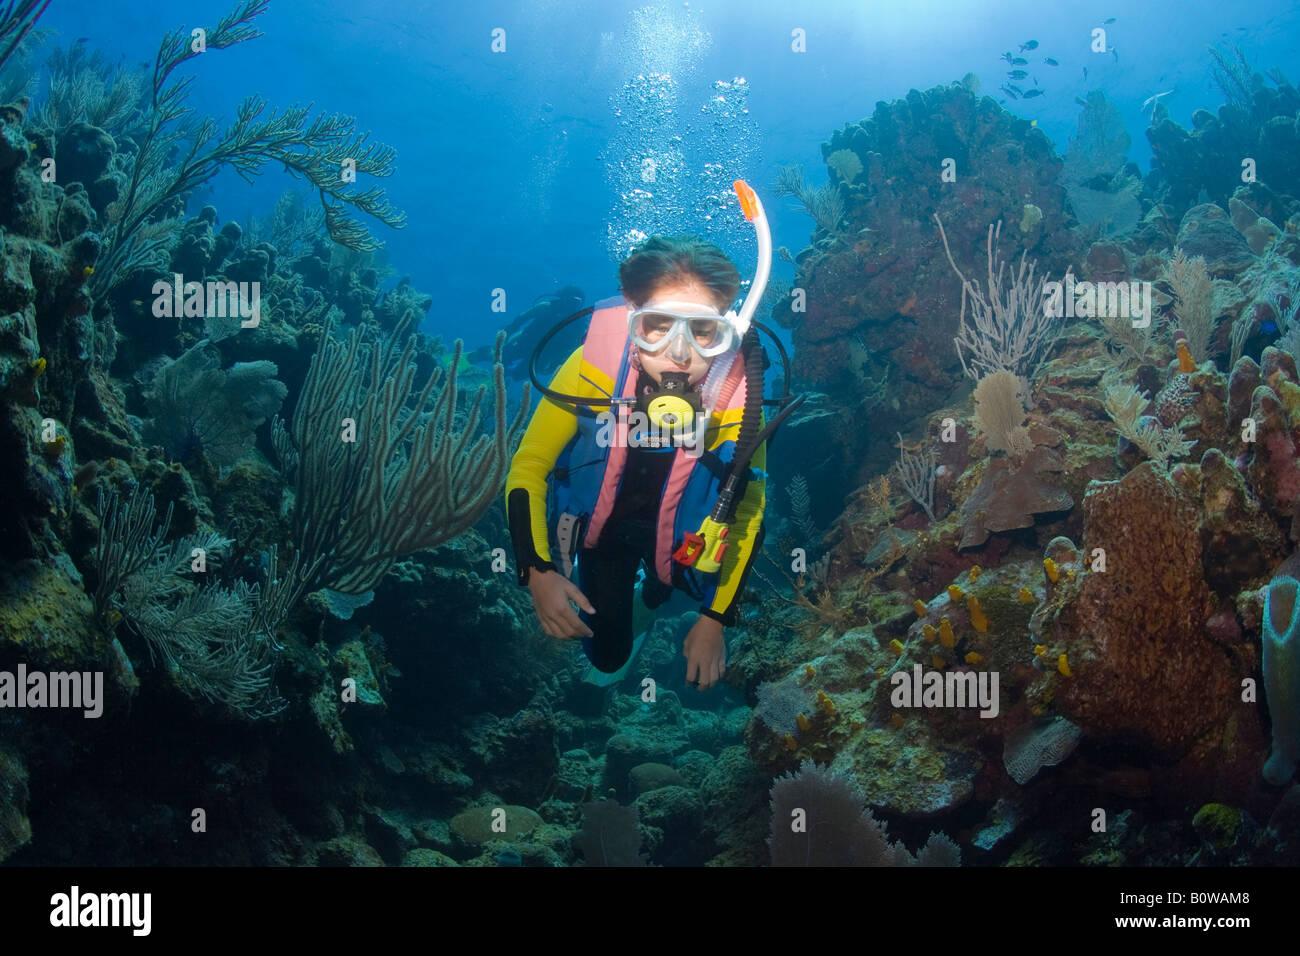 Mother and daughter scuba diving, Roatan, Honduras, Caribbean - Stock Image